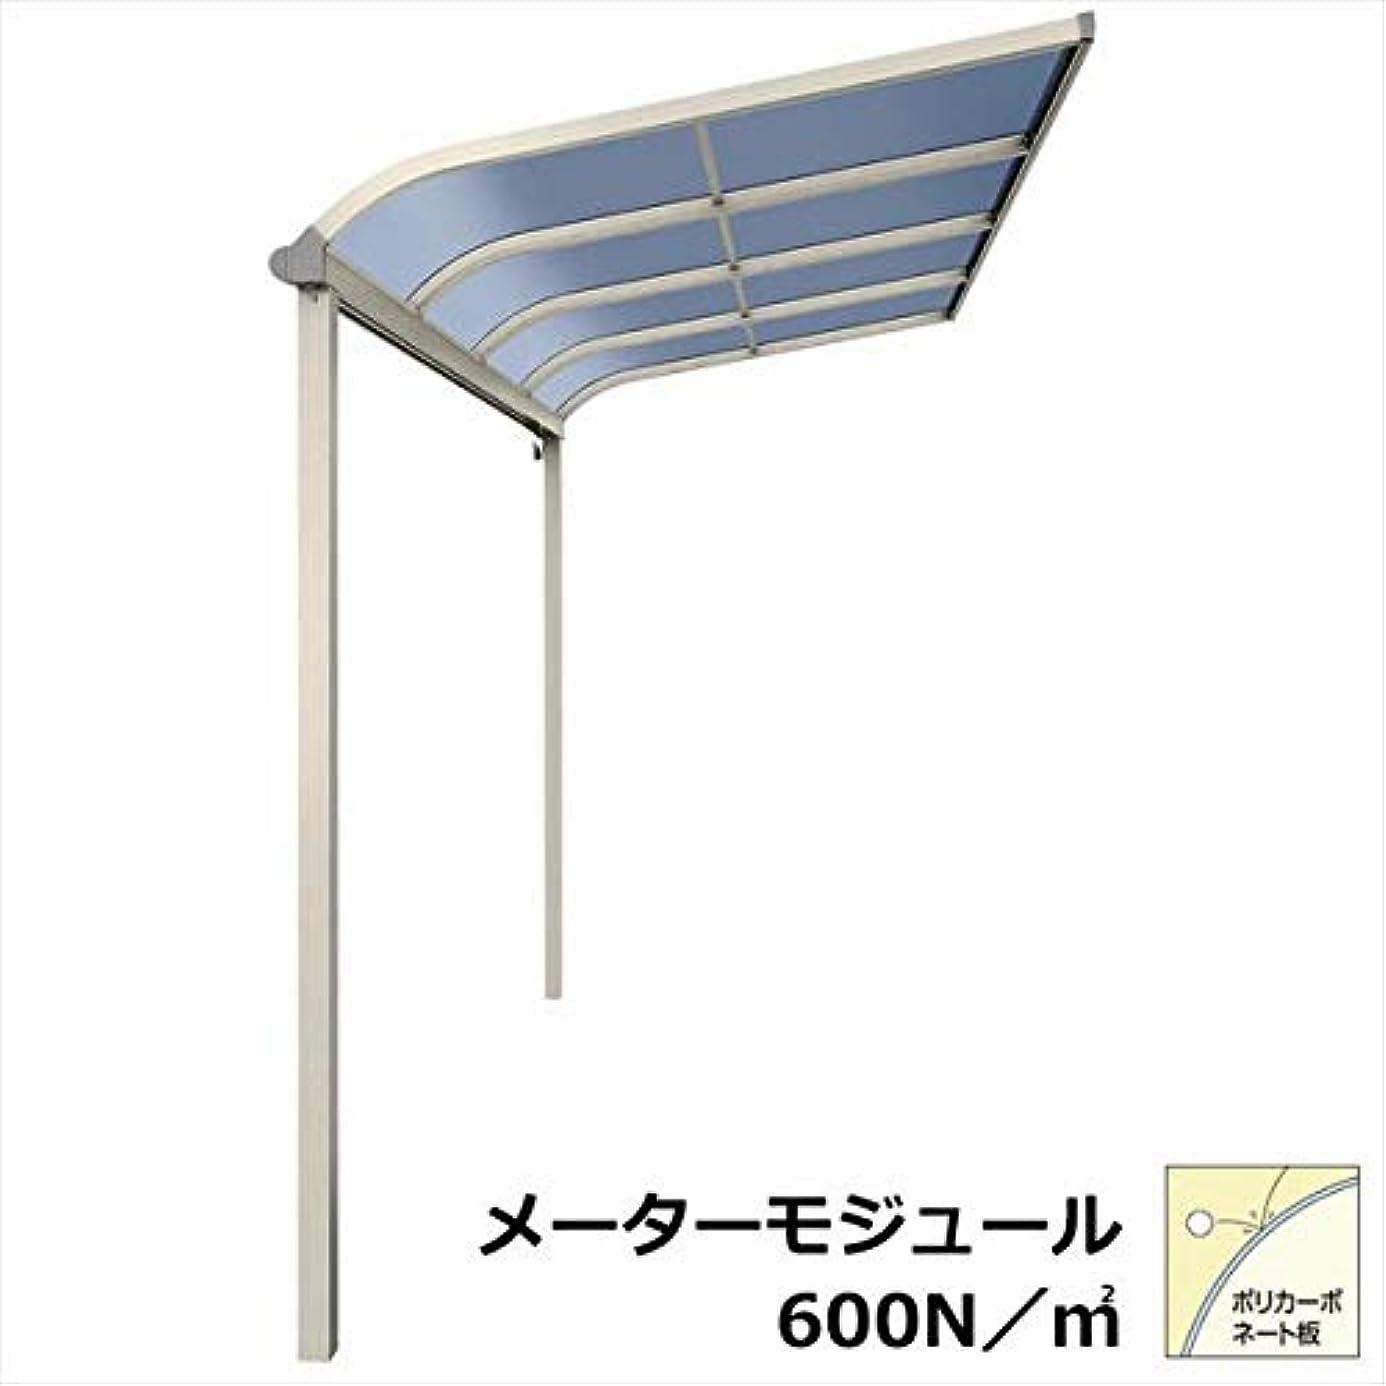 傾斜ショートカットグレーYKKAP テラス屋根 ソラリア 2間×7尺 柱標準タイプ メーターモジュール アール型 600N/m2 ポリカ屋根 単体 標準柱 積雪20cm仕様 ホワイト